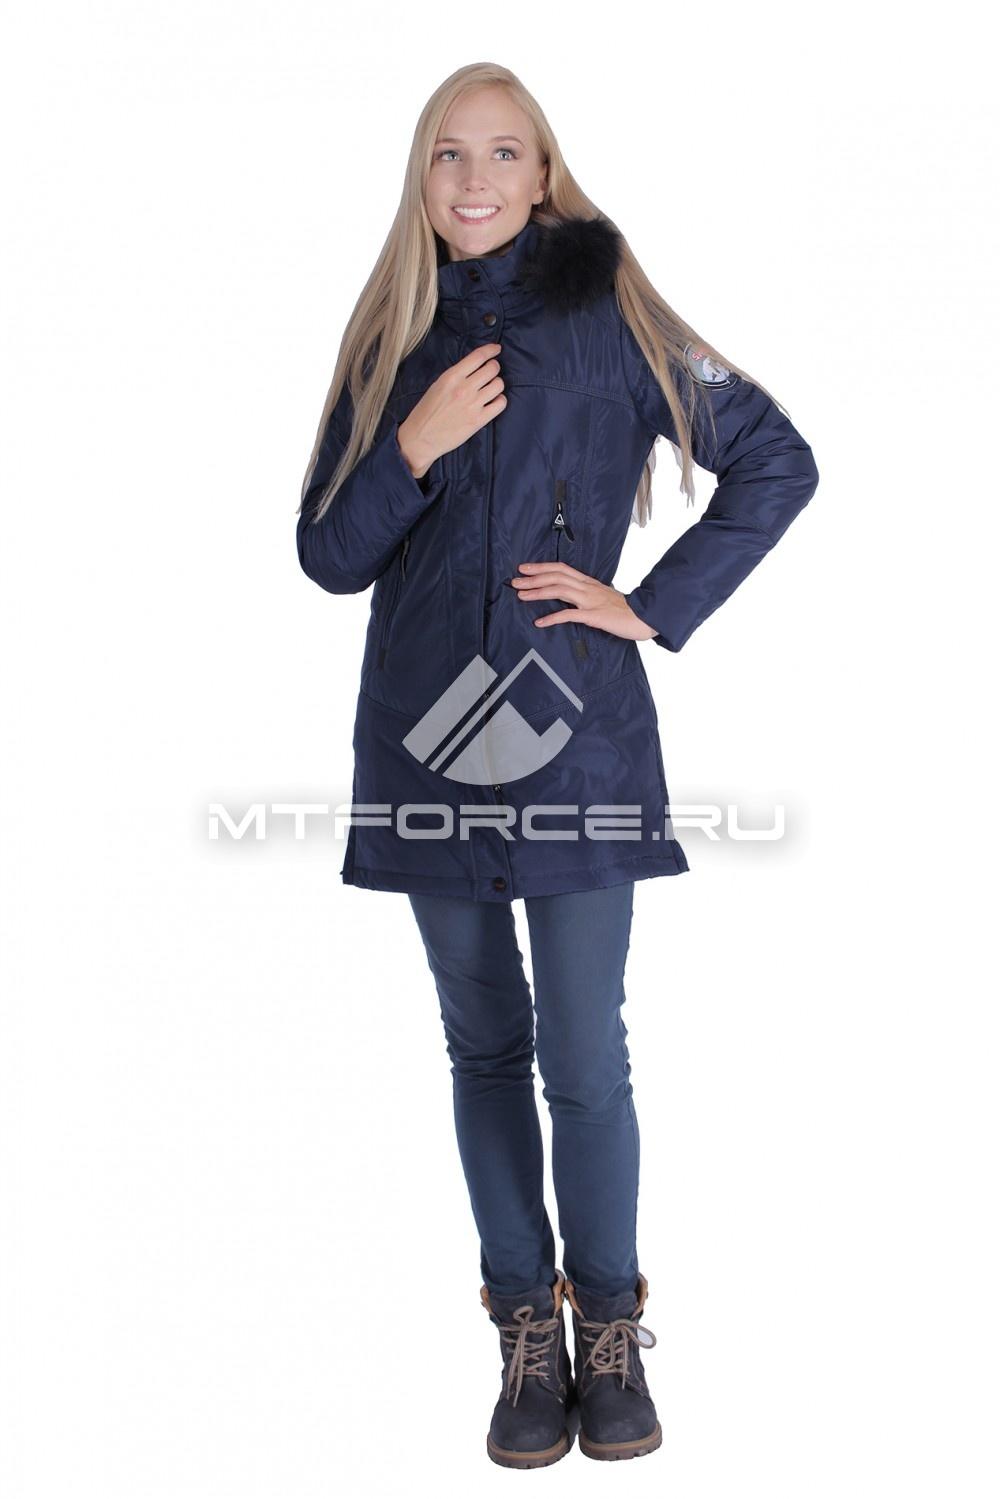 Купить                                  оптом Итальянская куртка женская темно-синего цвета 1686TS